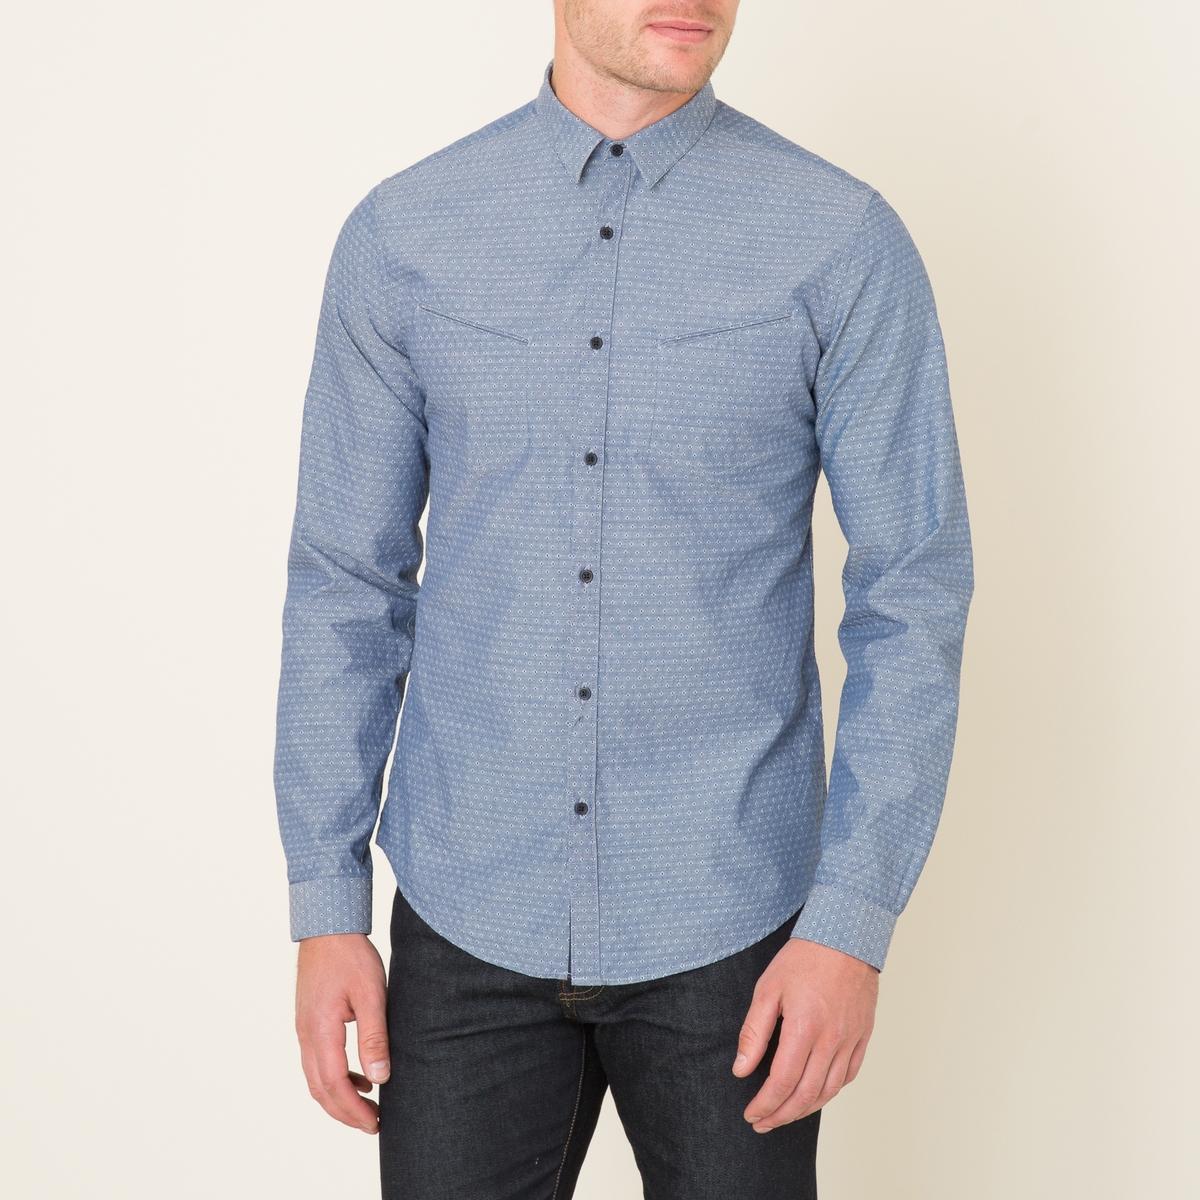 Рубашка с жаккардовым микропринтомСостав и описание    Материал : 100% хлопок   Планка застежки на пуговицы 100% полиэстер   Марка : THE KOOPLES<br><br>Цвет: синий